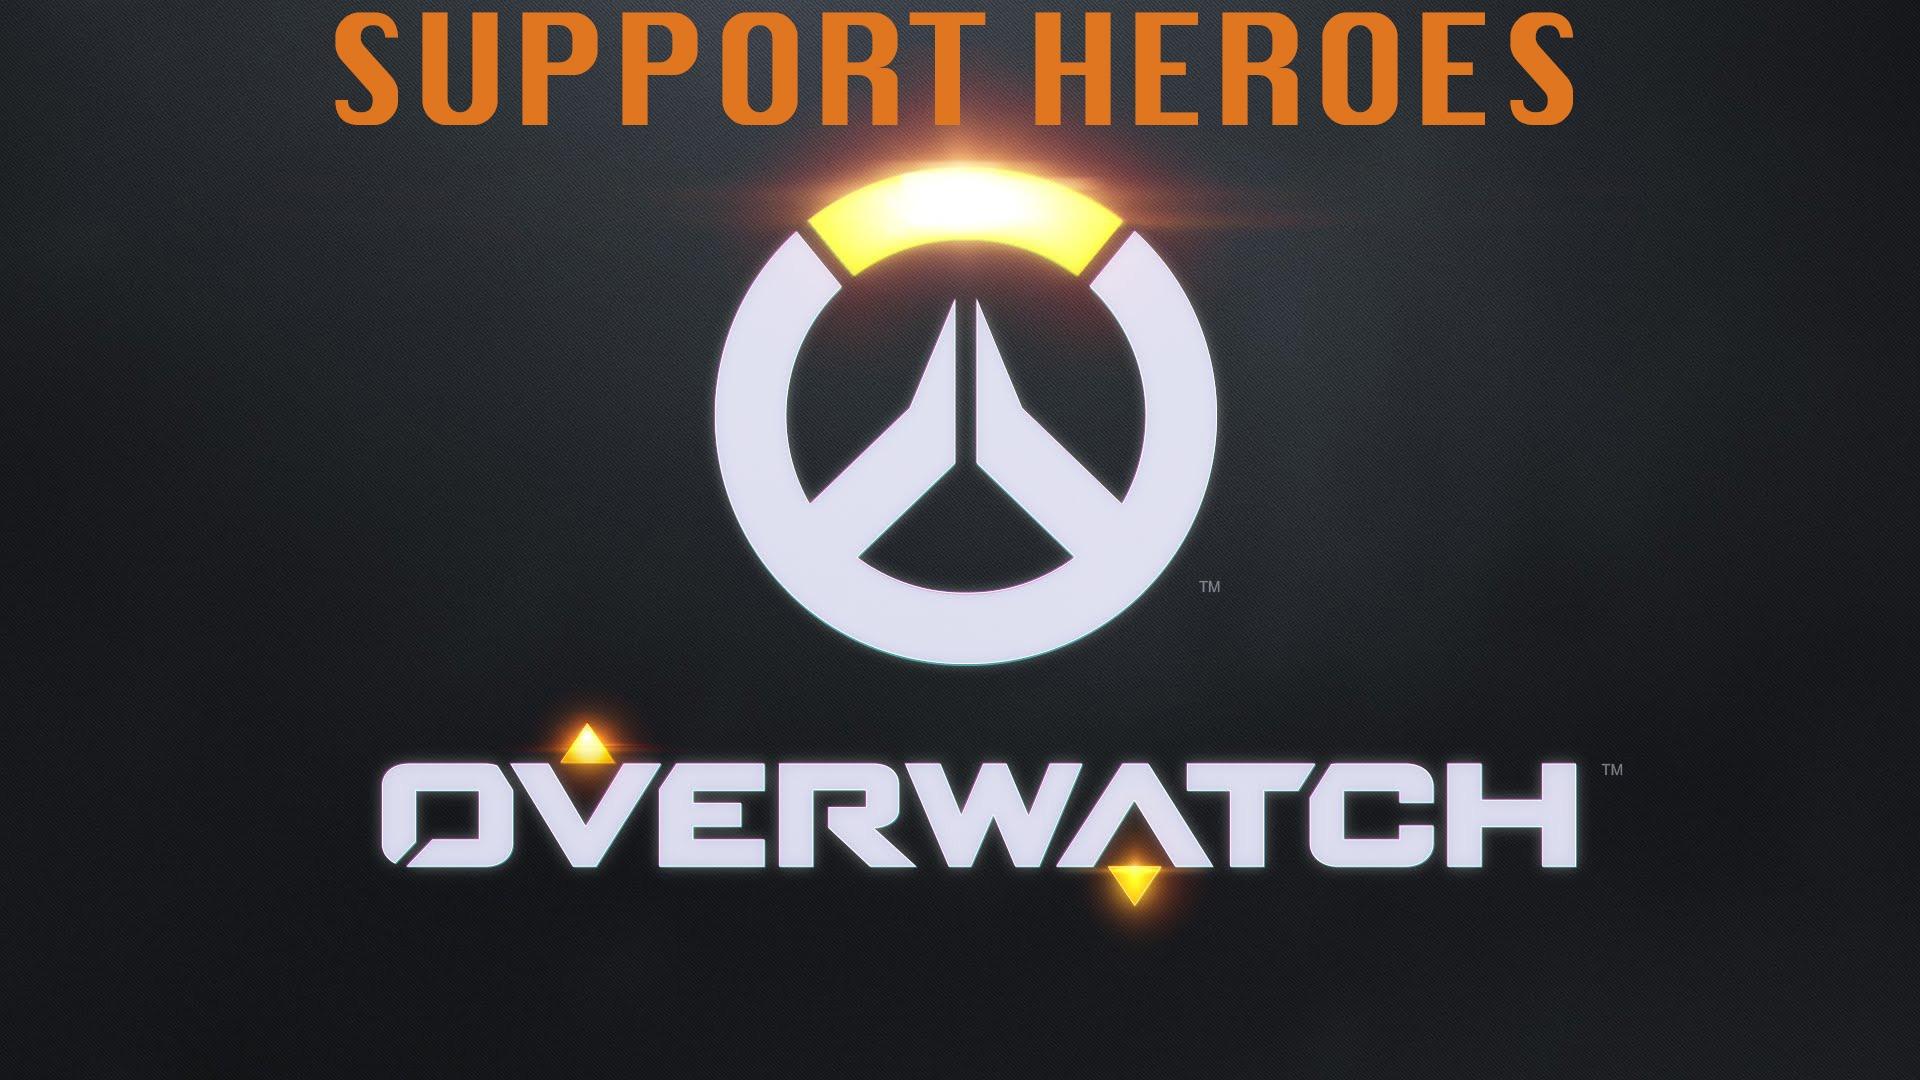 Best Overwatch Support Heroes